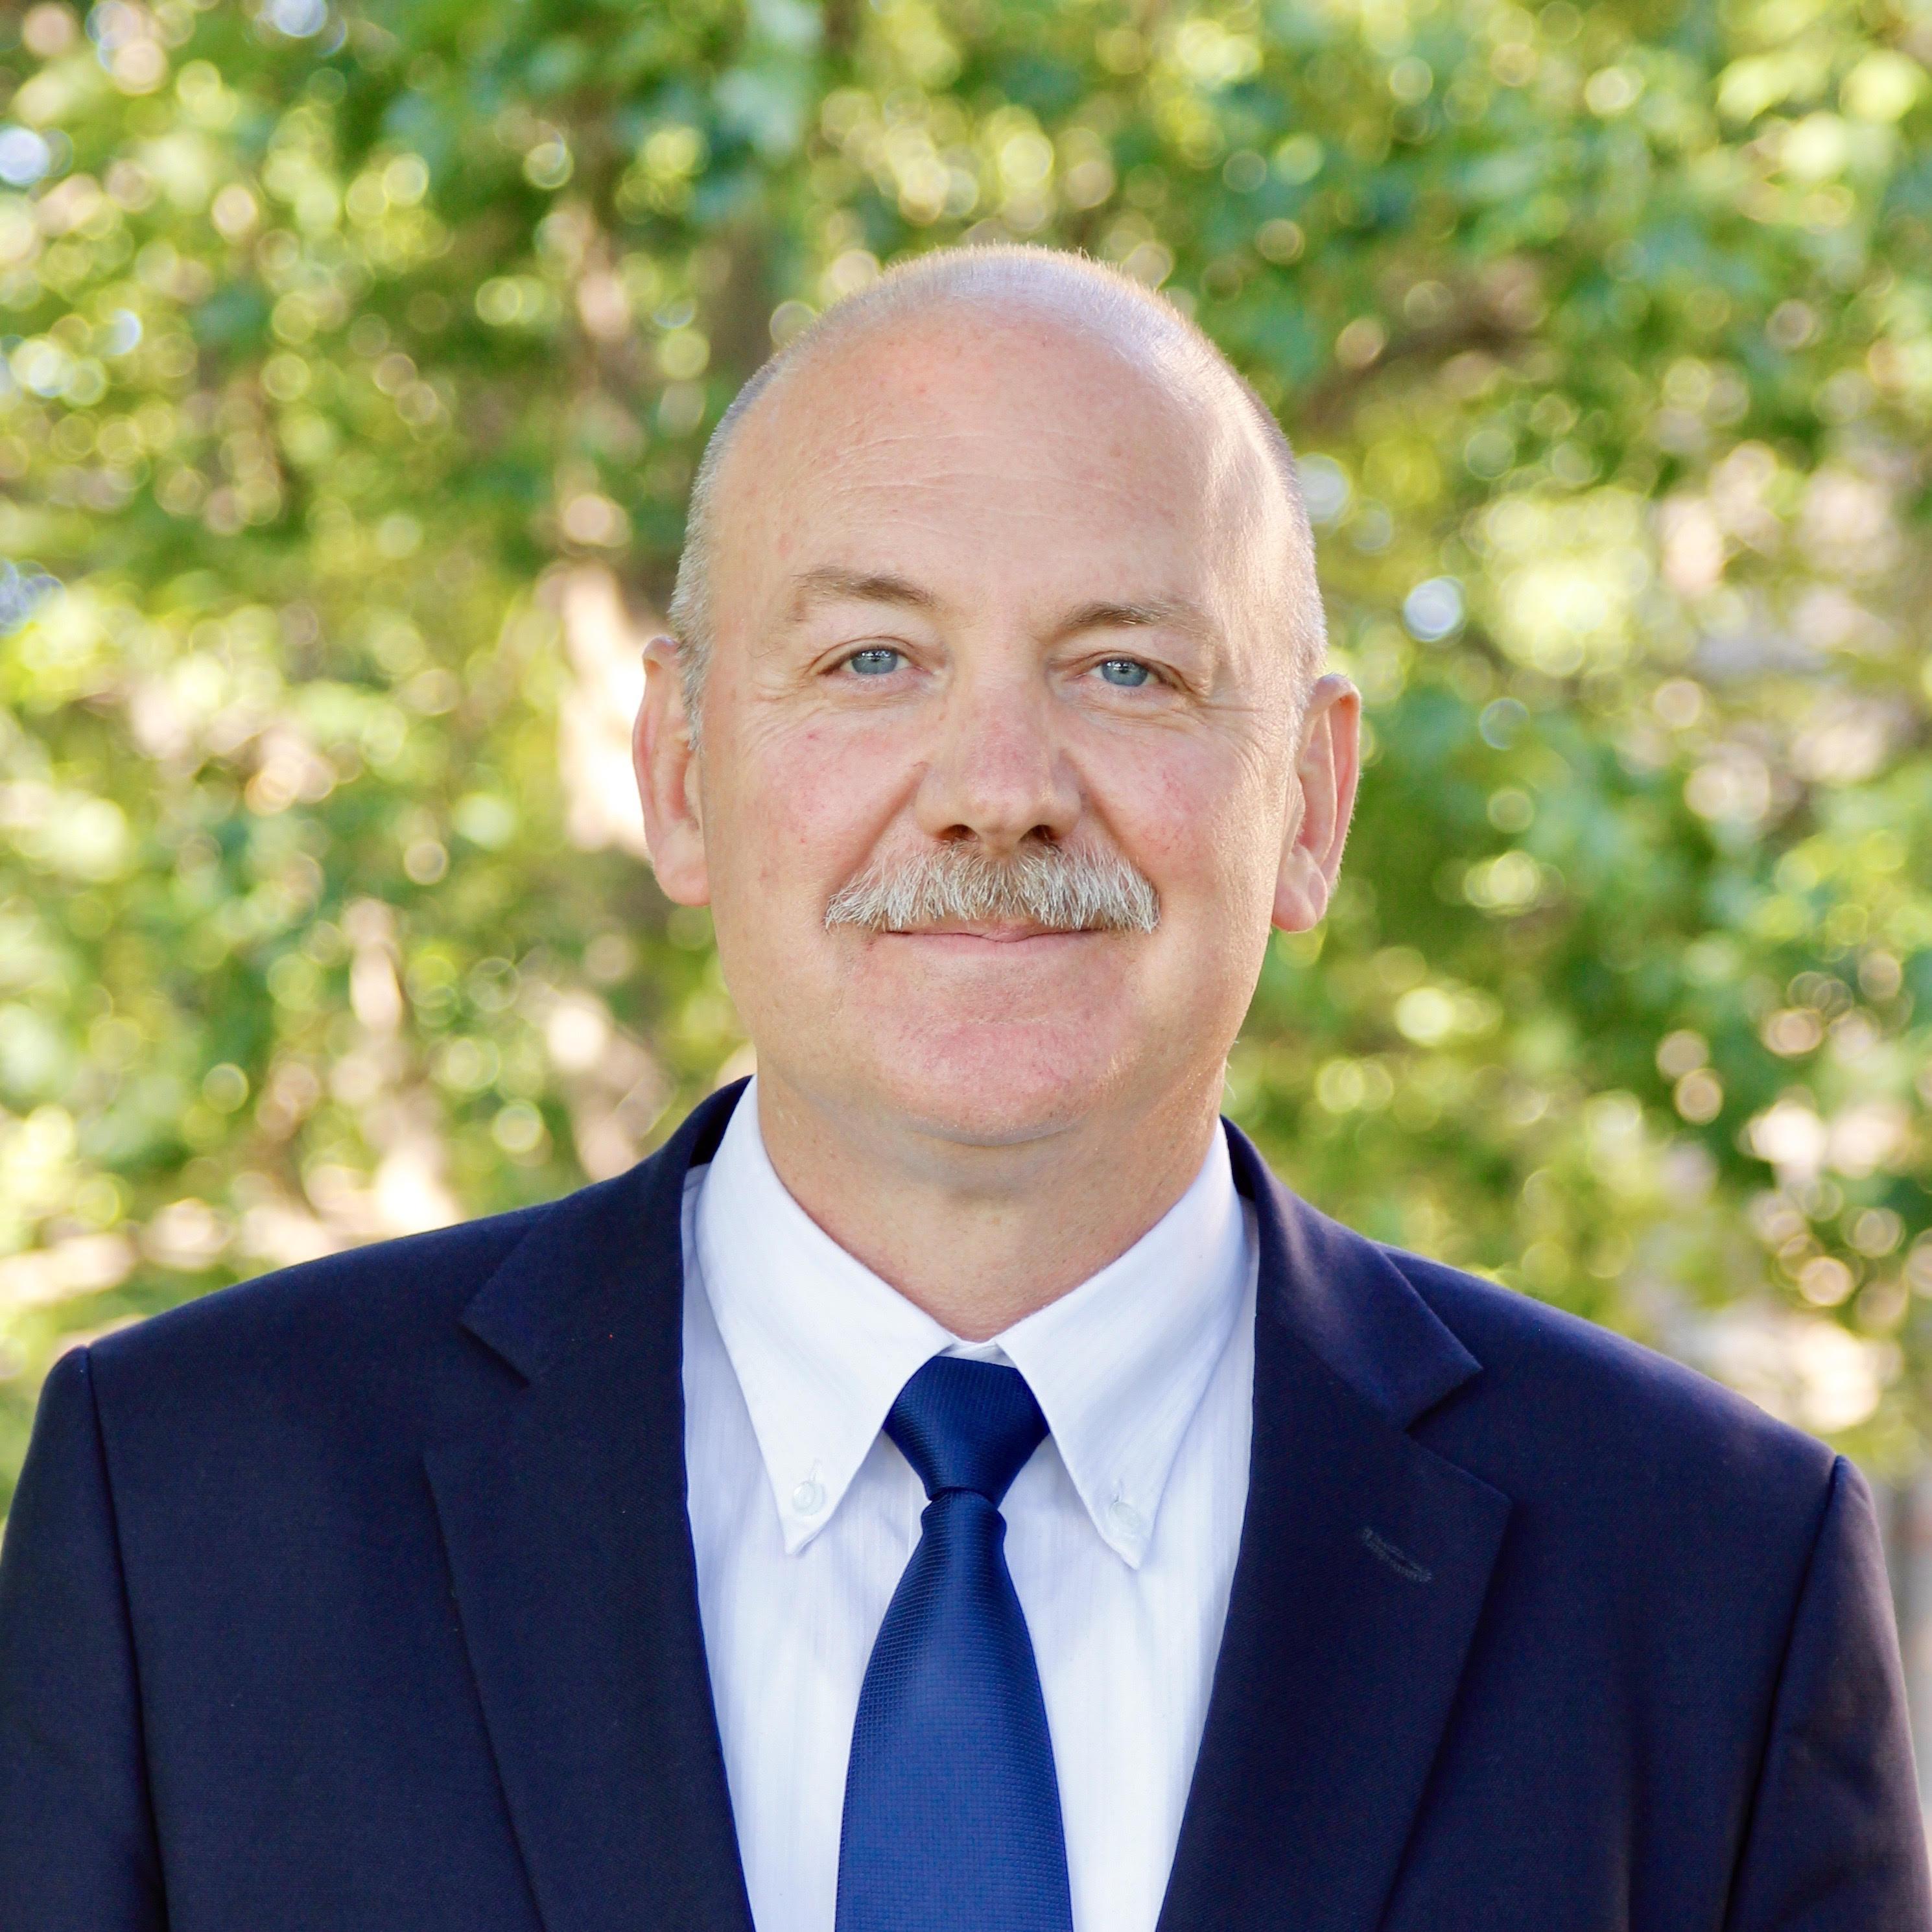 John Mehl